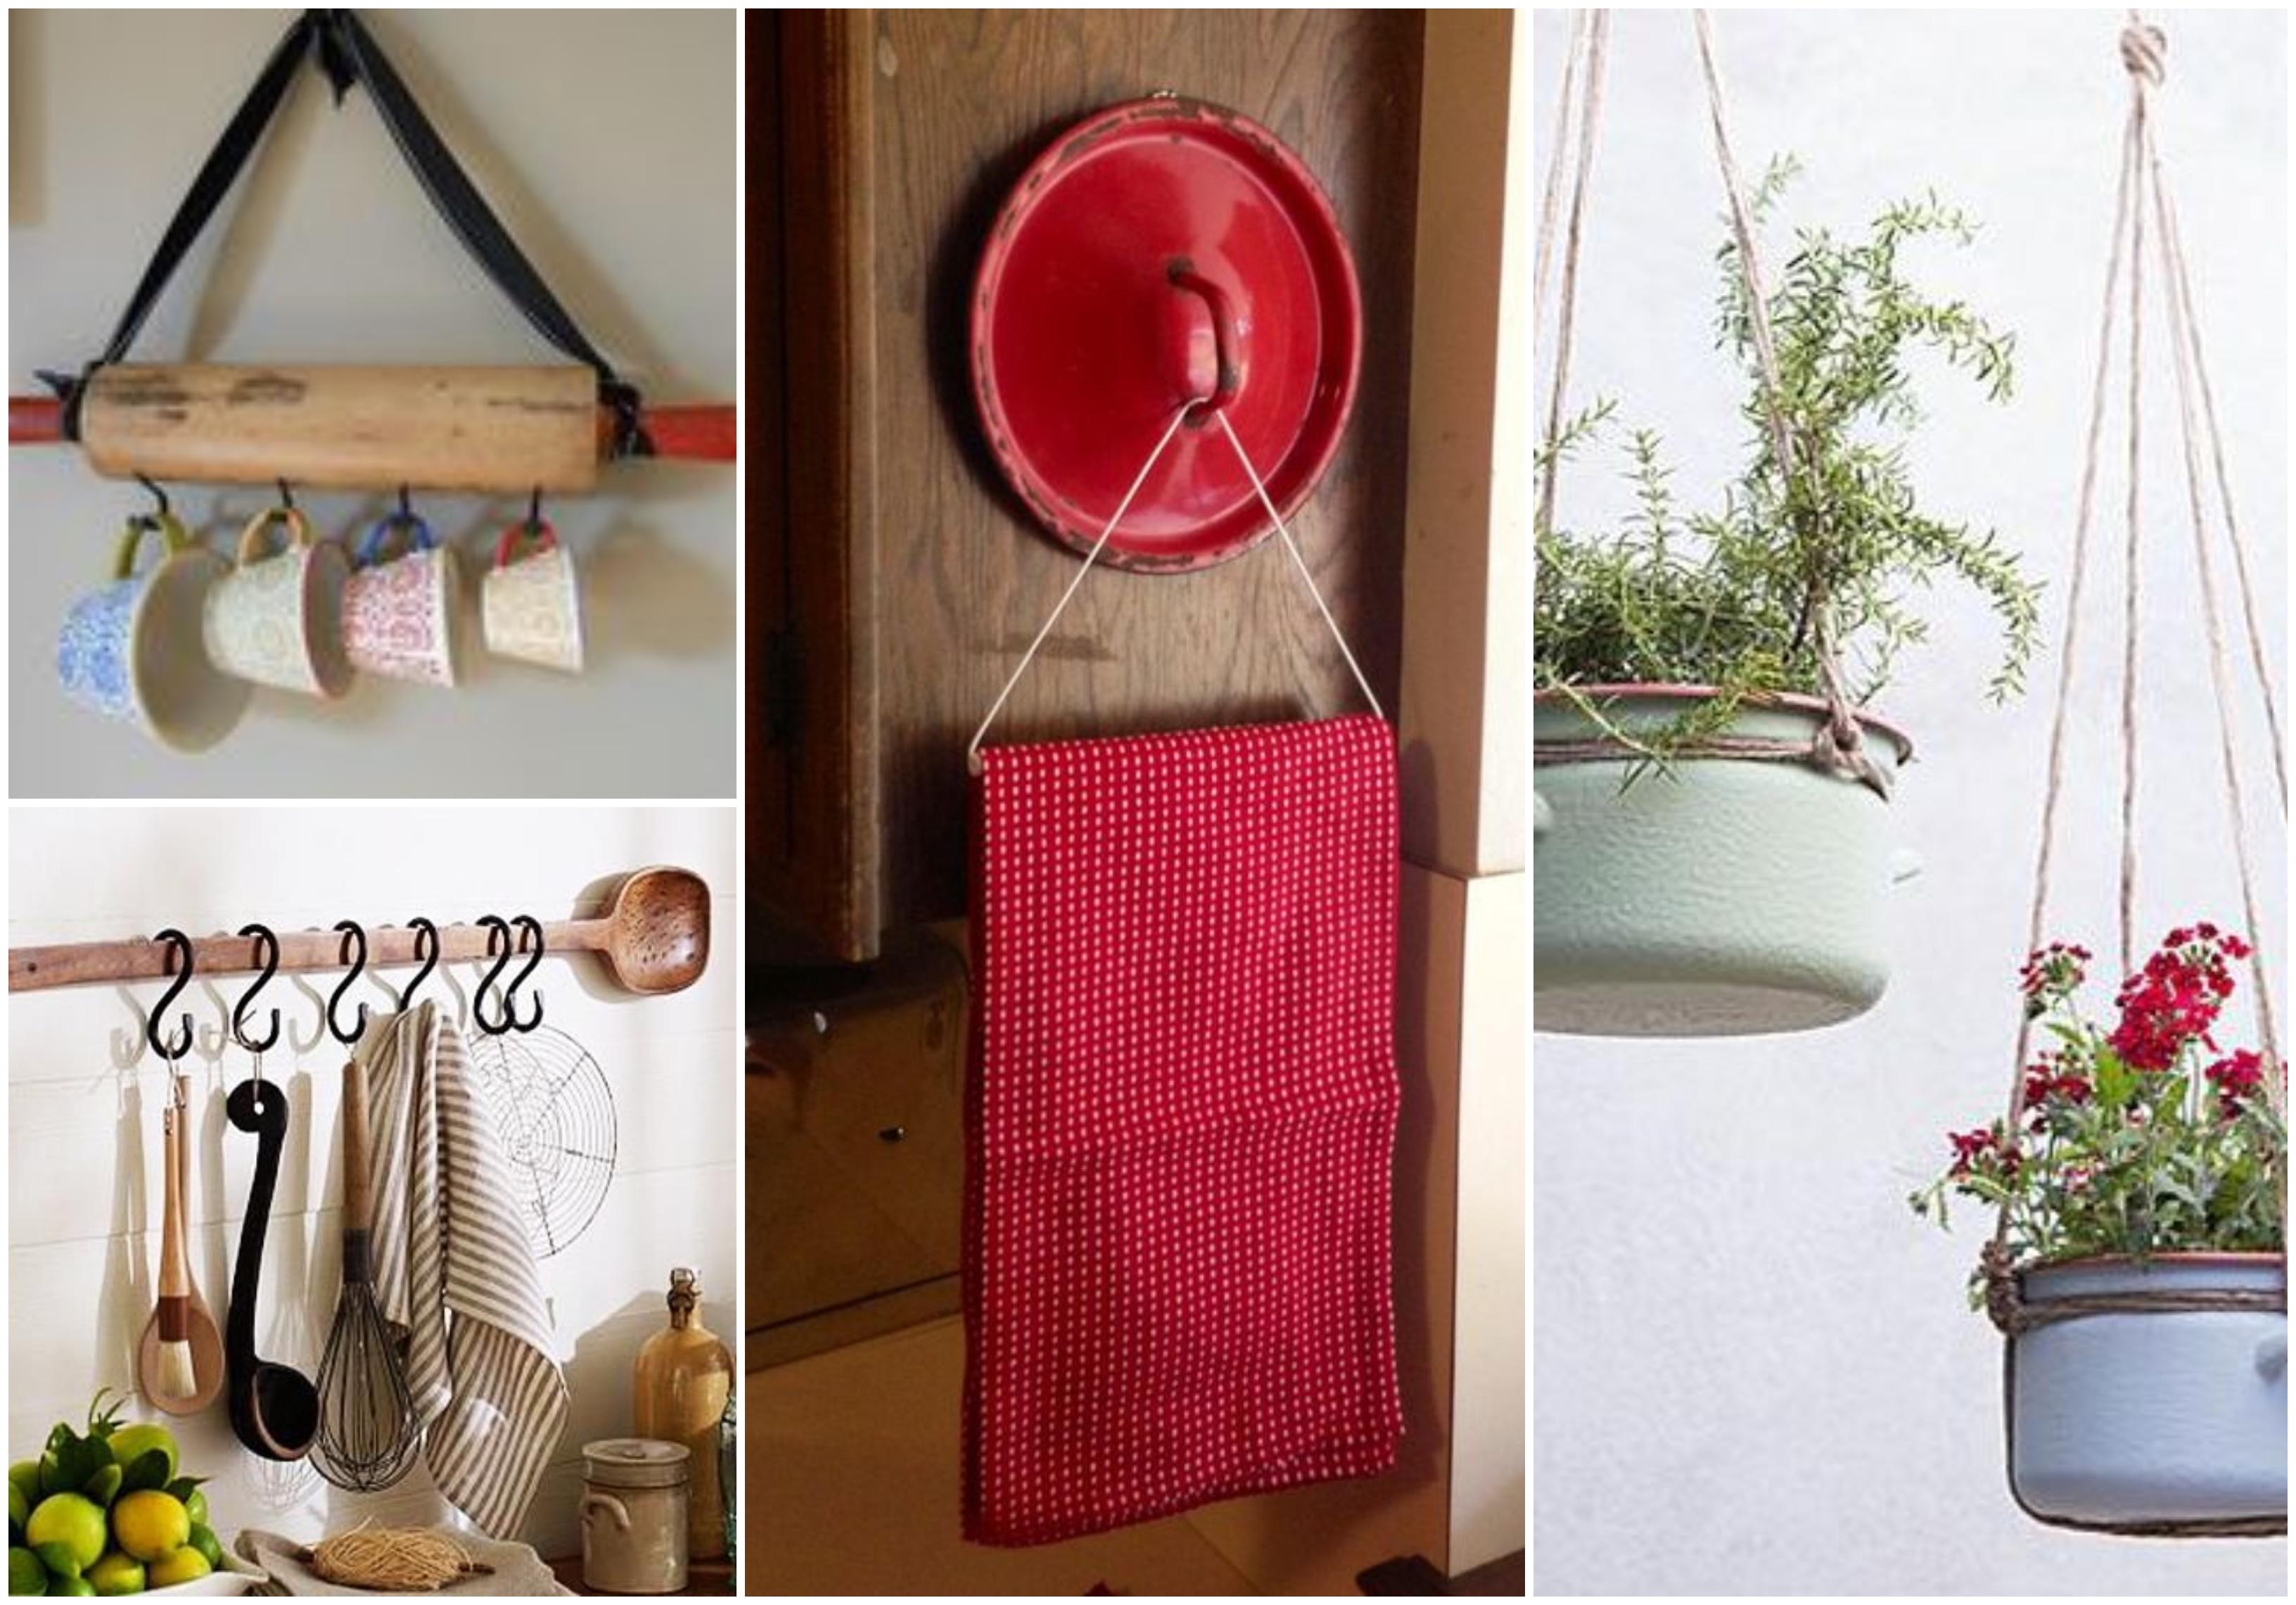 Diy 20 Kreative Upcycling Ideen Mit Alten Kuchenutensilien Nettetipps De